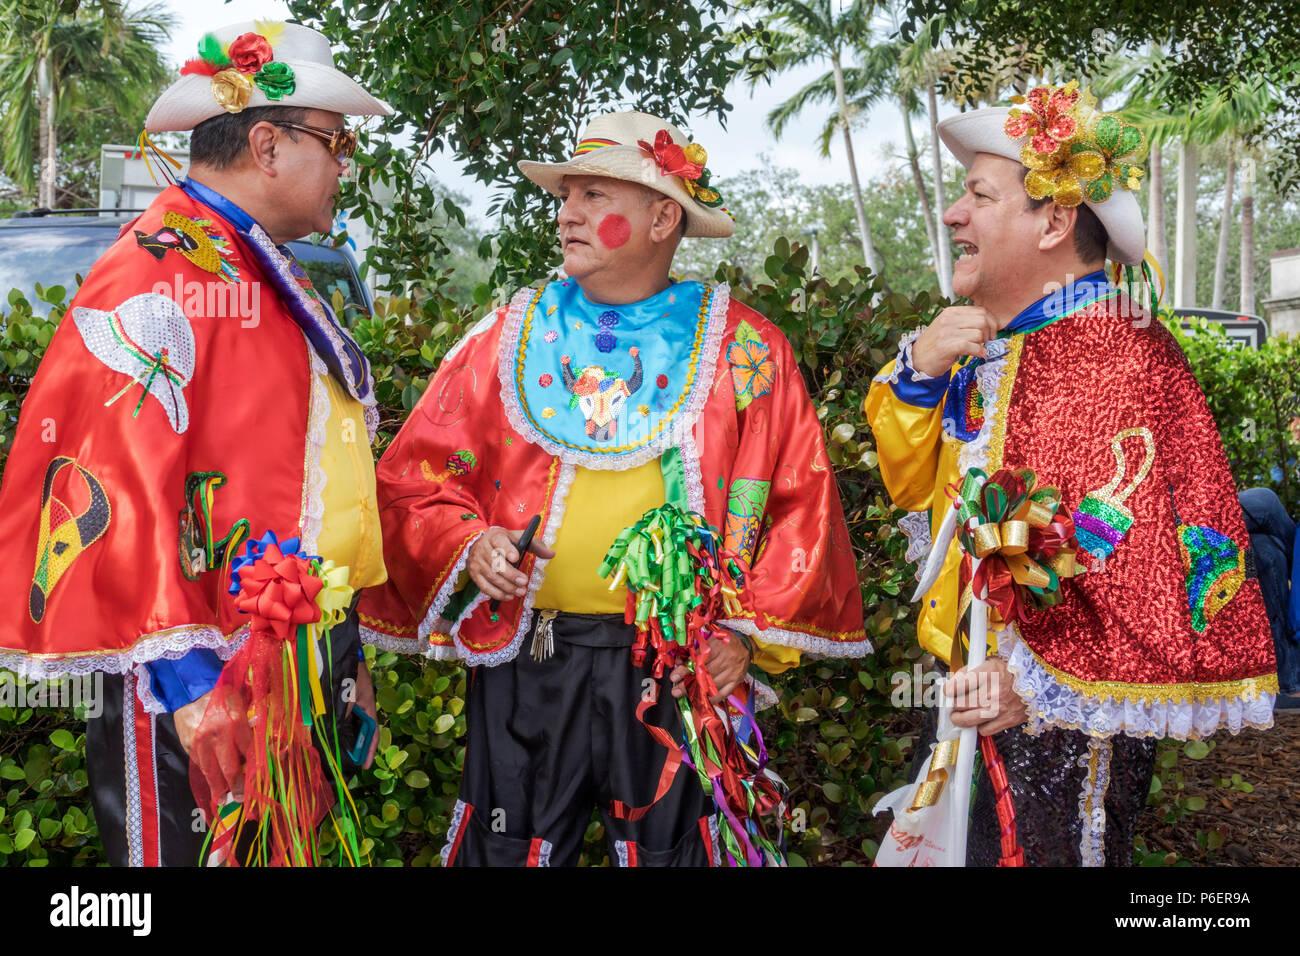 4e668bb95 Miami Florida Coral Gables Hispanic Cultural Festival Latin American event  dance group dancer performer Colombian typical costume Baile del Garabato B